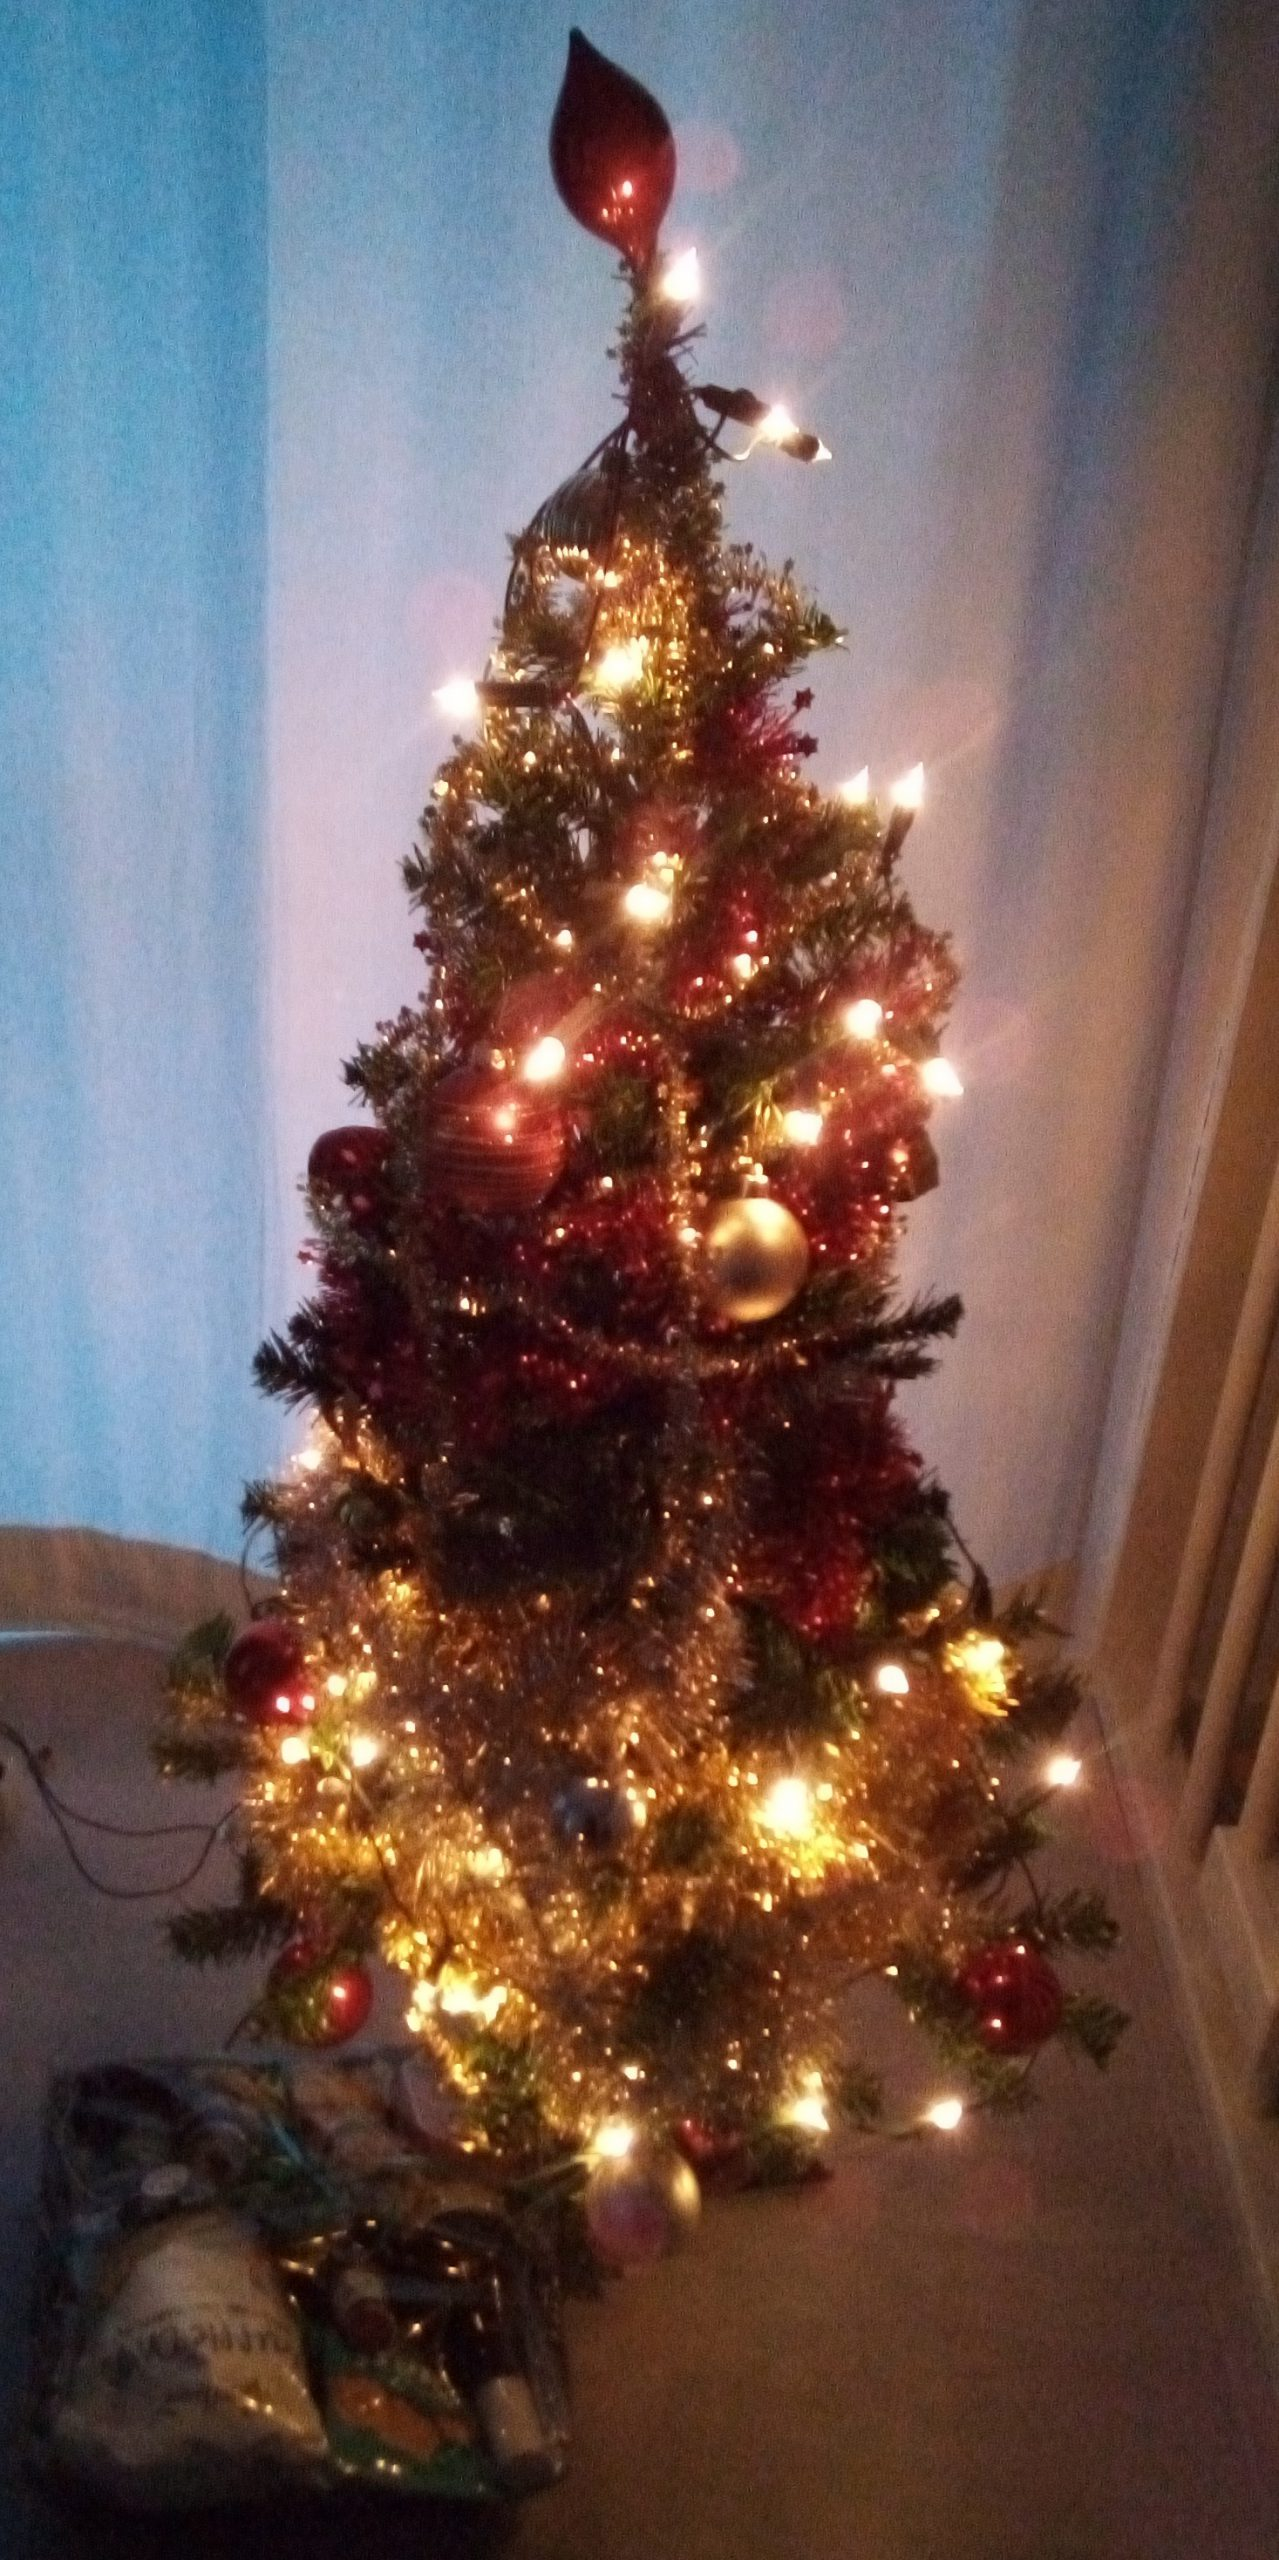 fijne feestdagen en gelukkig nieuwjaar